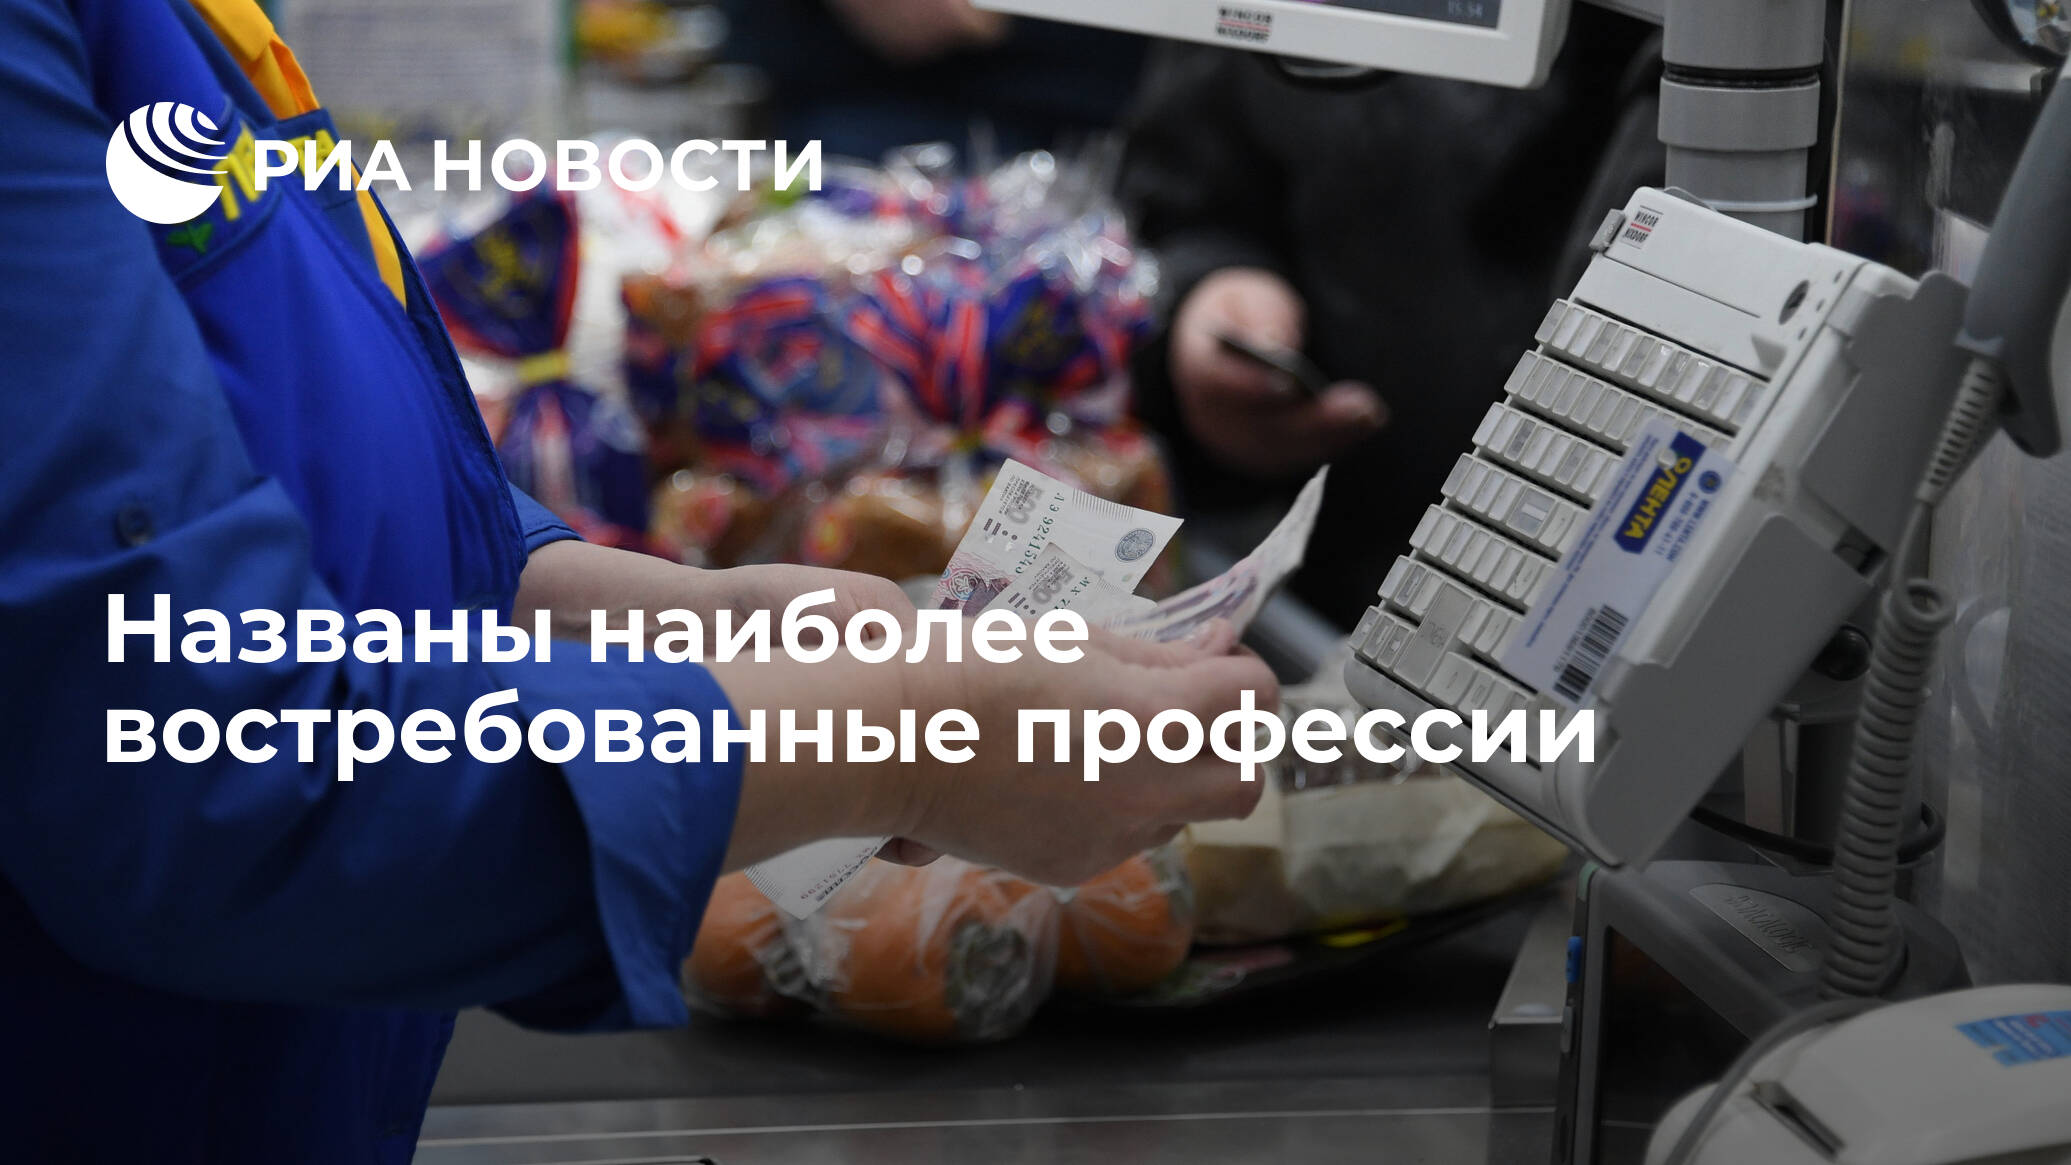 Названы наиболее востребованные профессии - РИА Новости ...